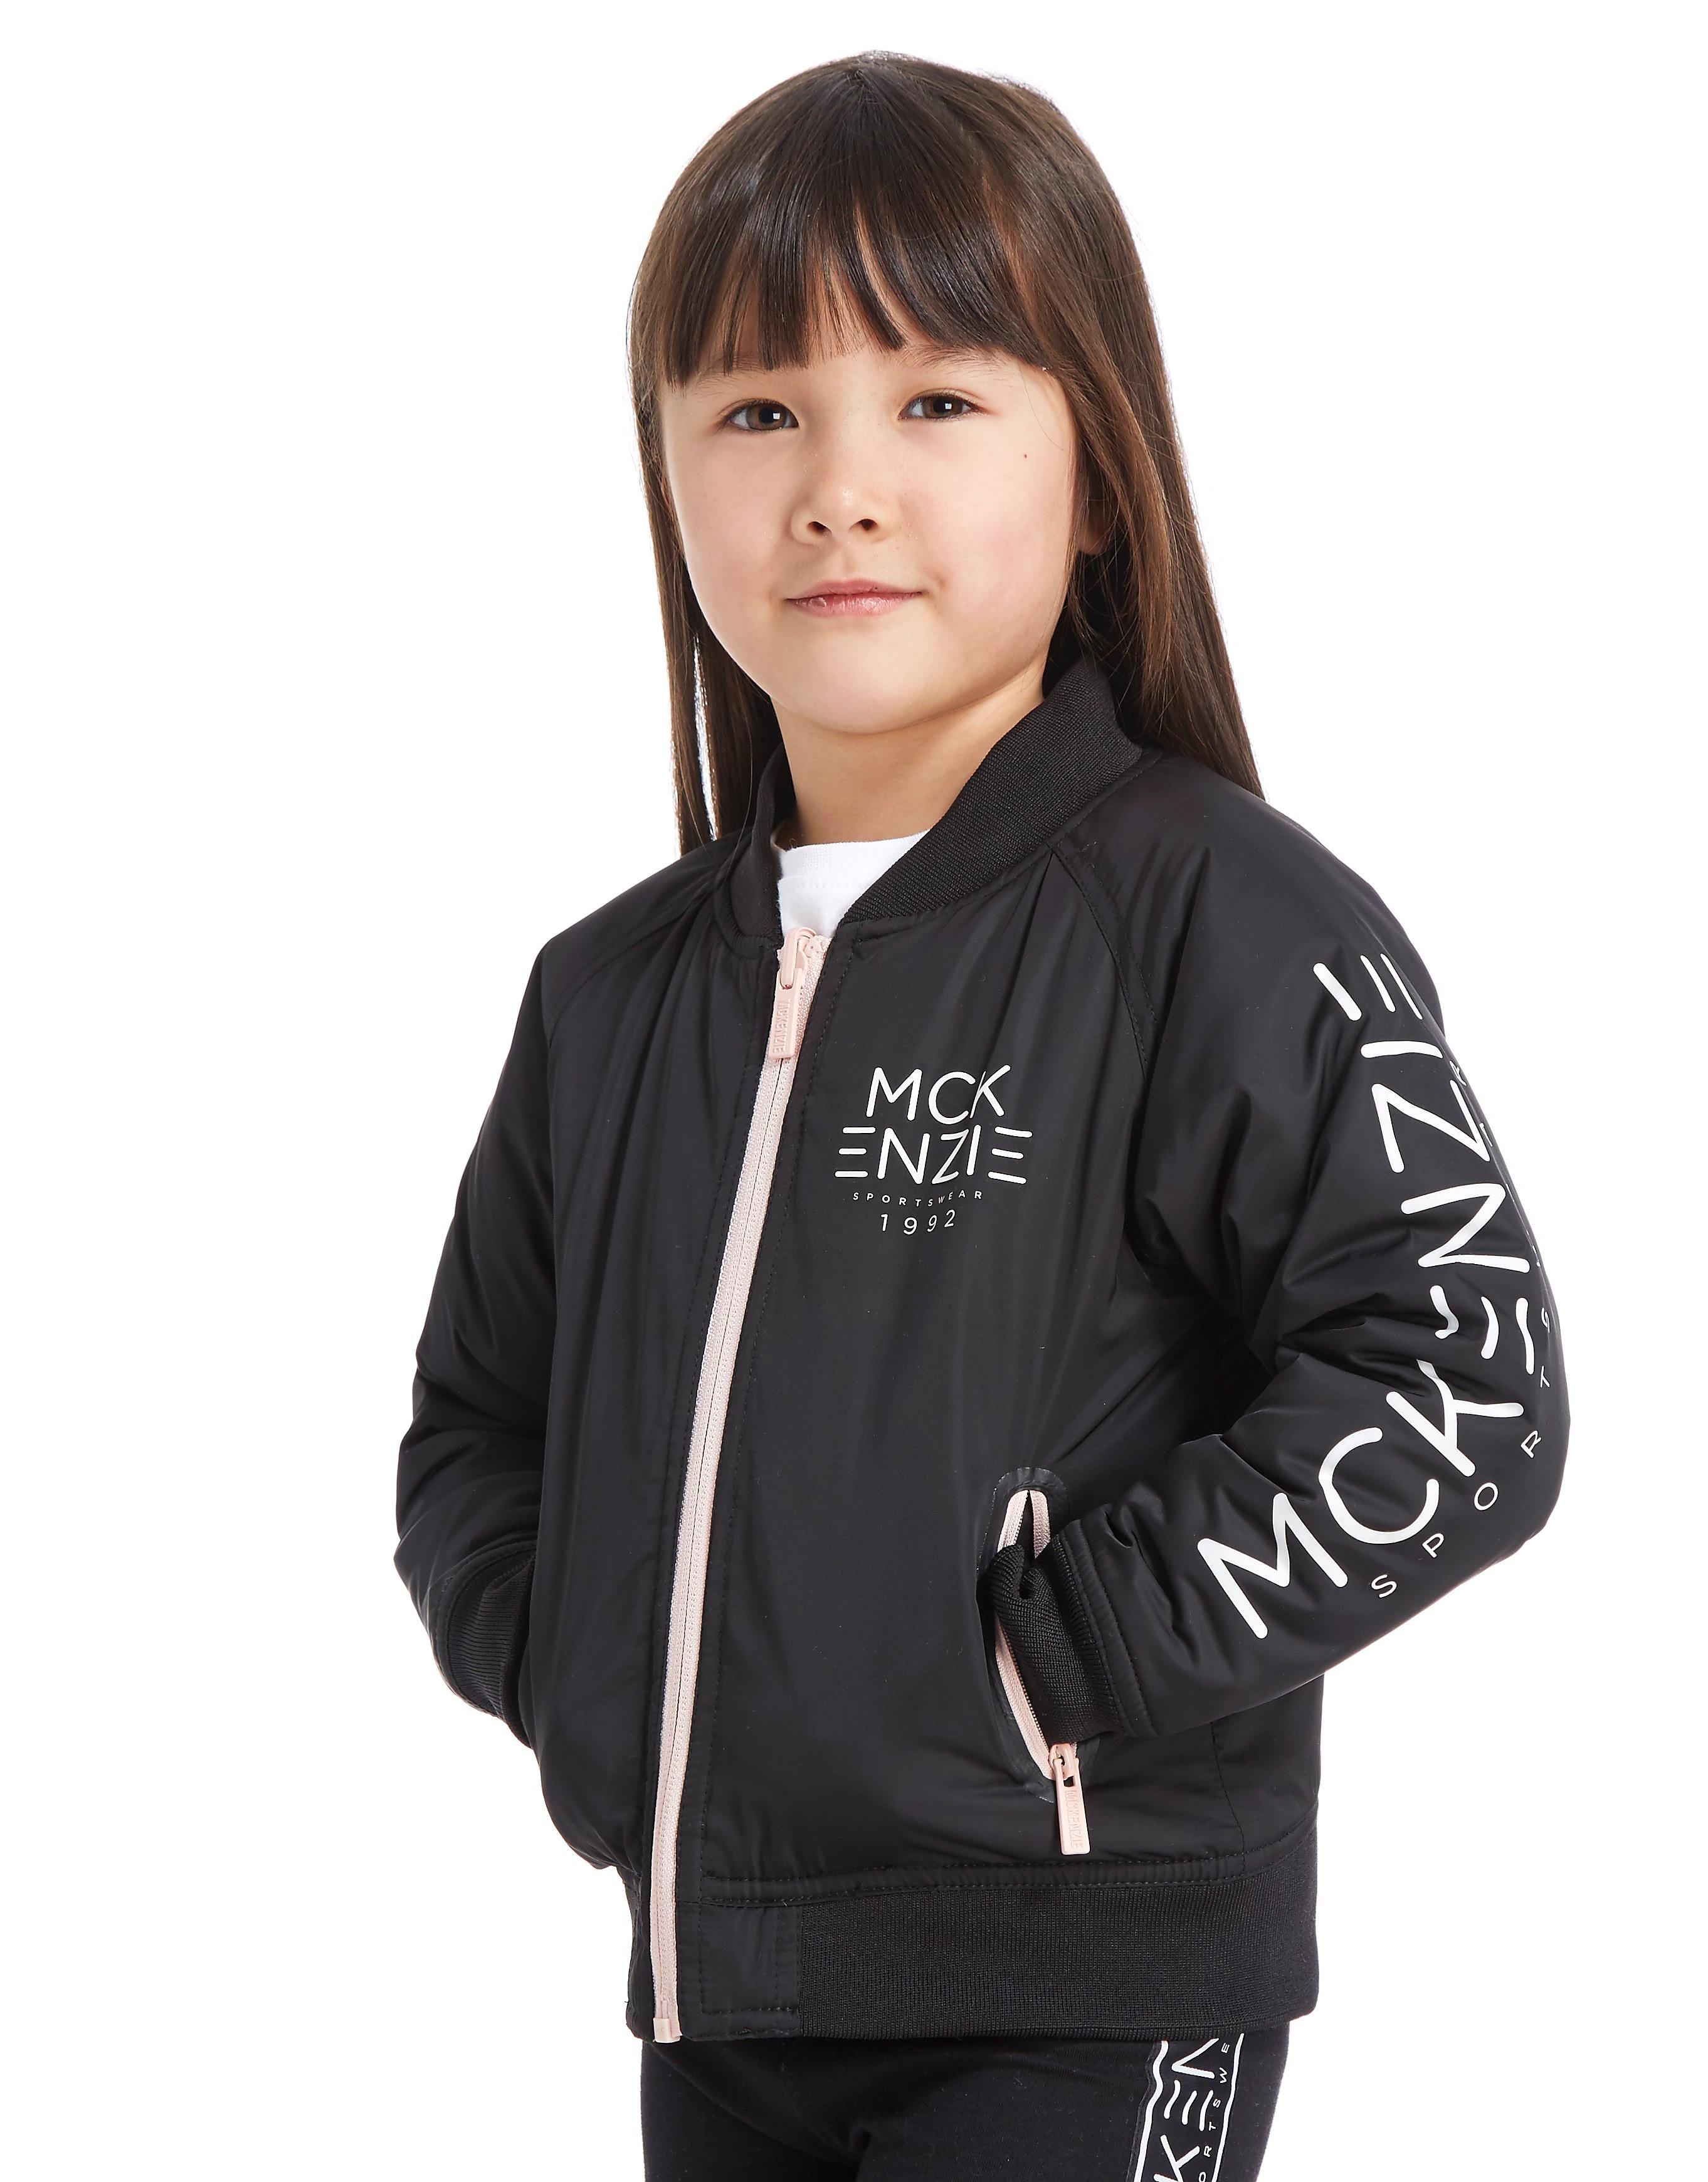 McKenzie Marie-Wendejacke für Mädchen